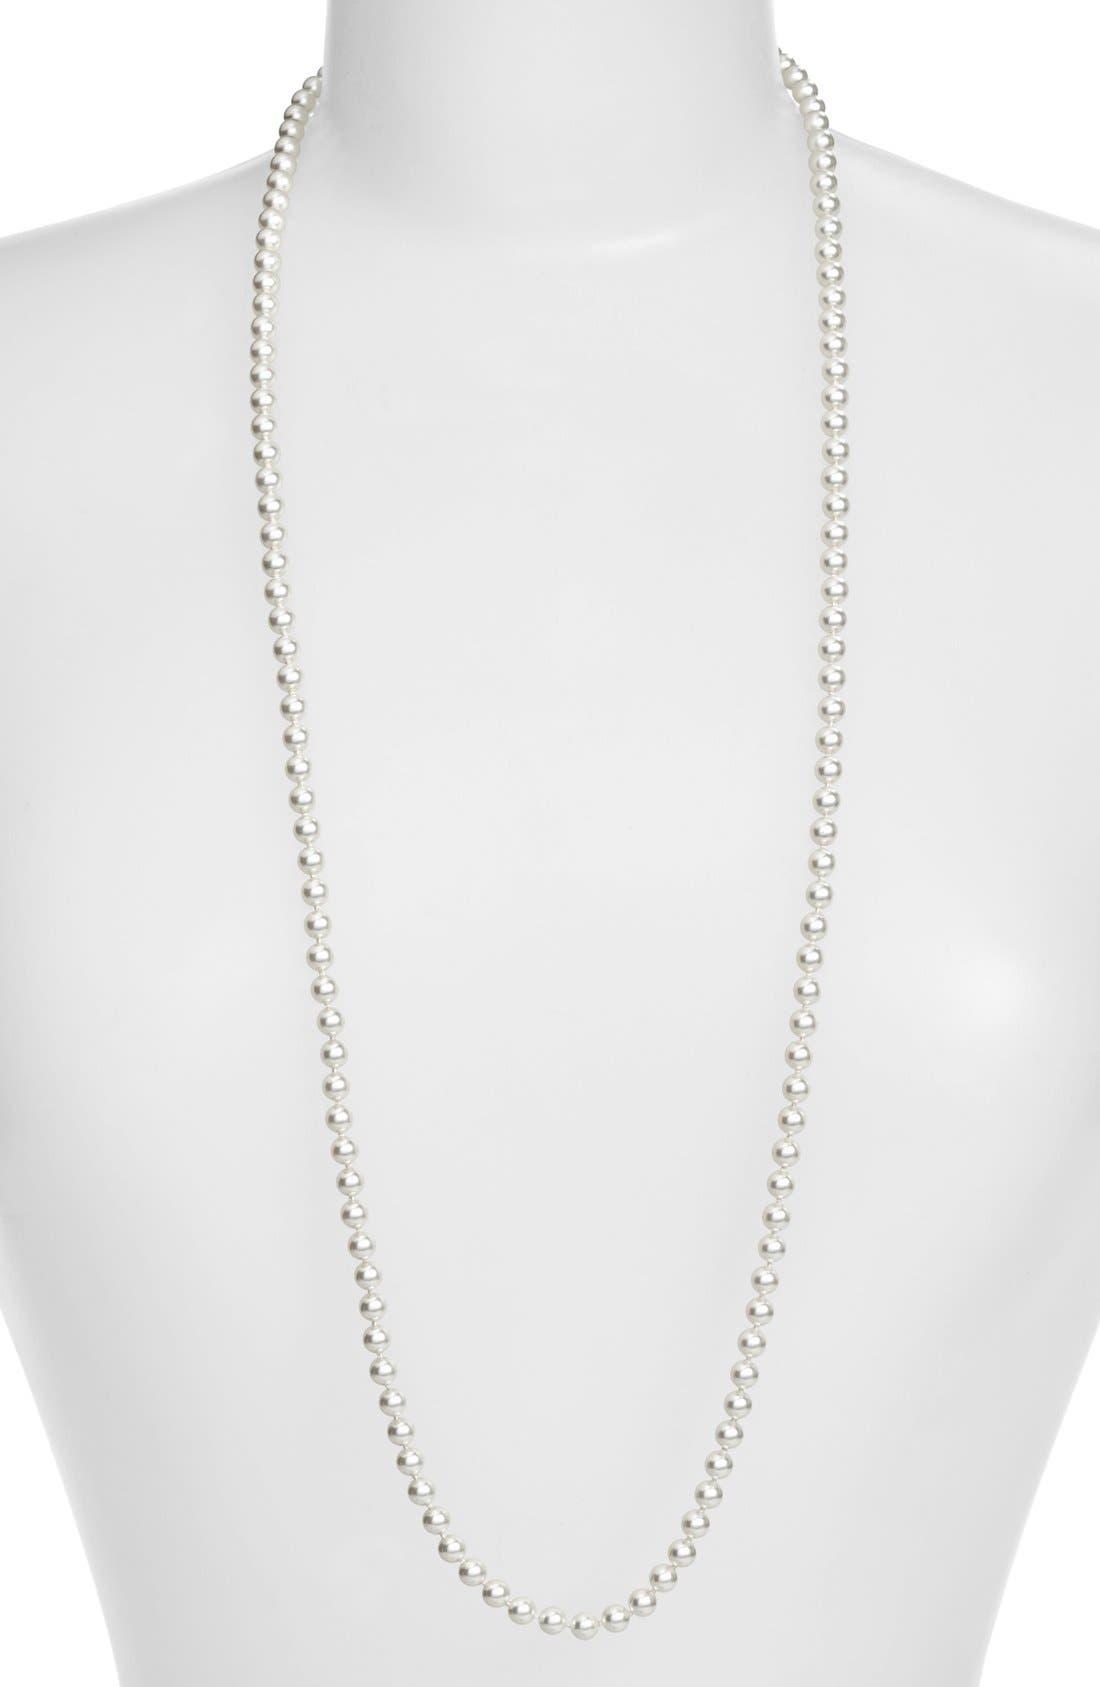 Imitation Pearl Long Necklace,                             Main thumbnail 1, color,                             RHODIUM